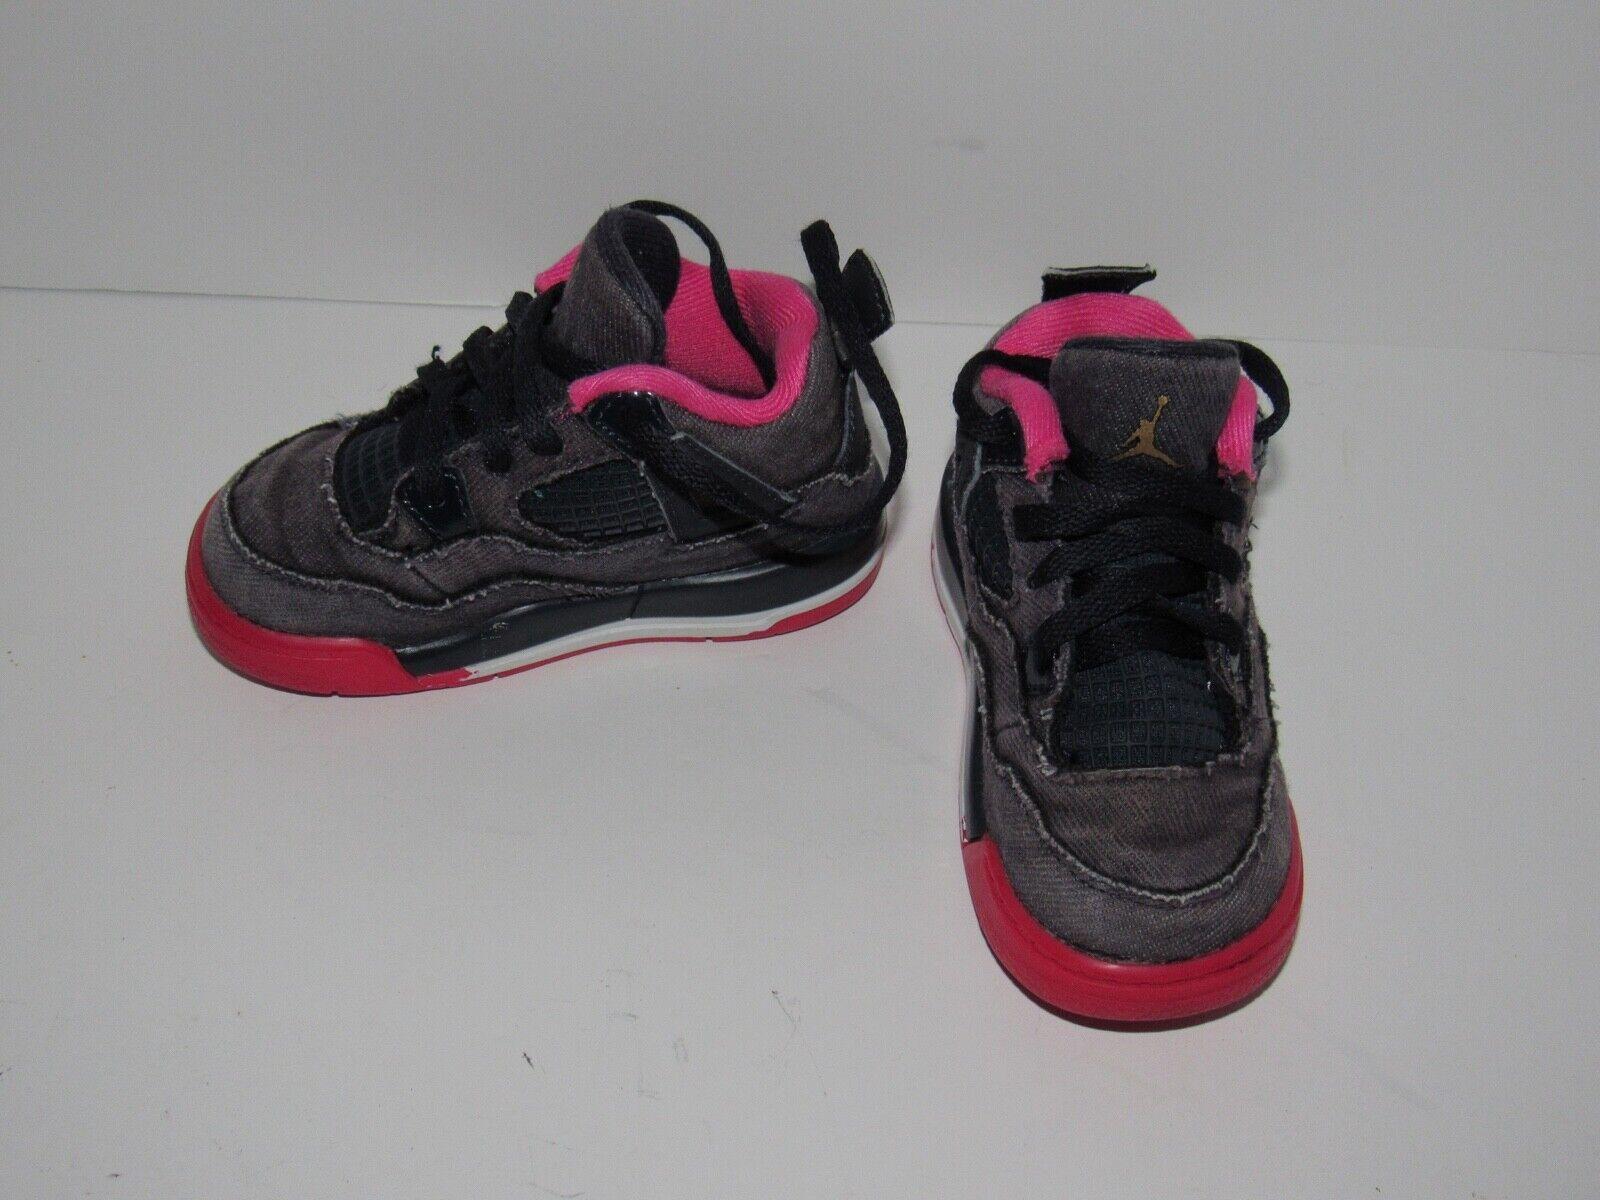 Nike Air Jordan 1 Flight 4 GT Trainers